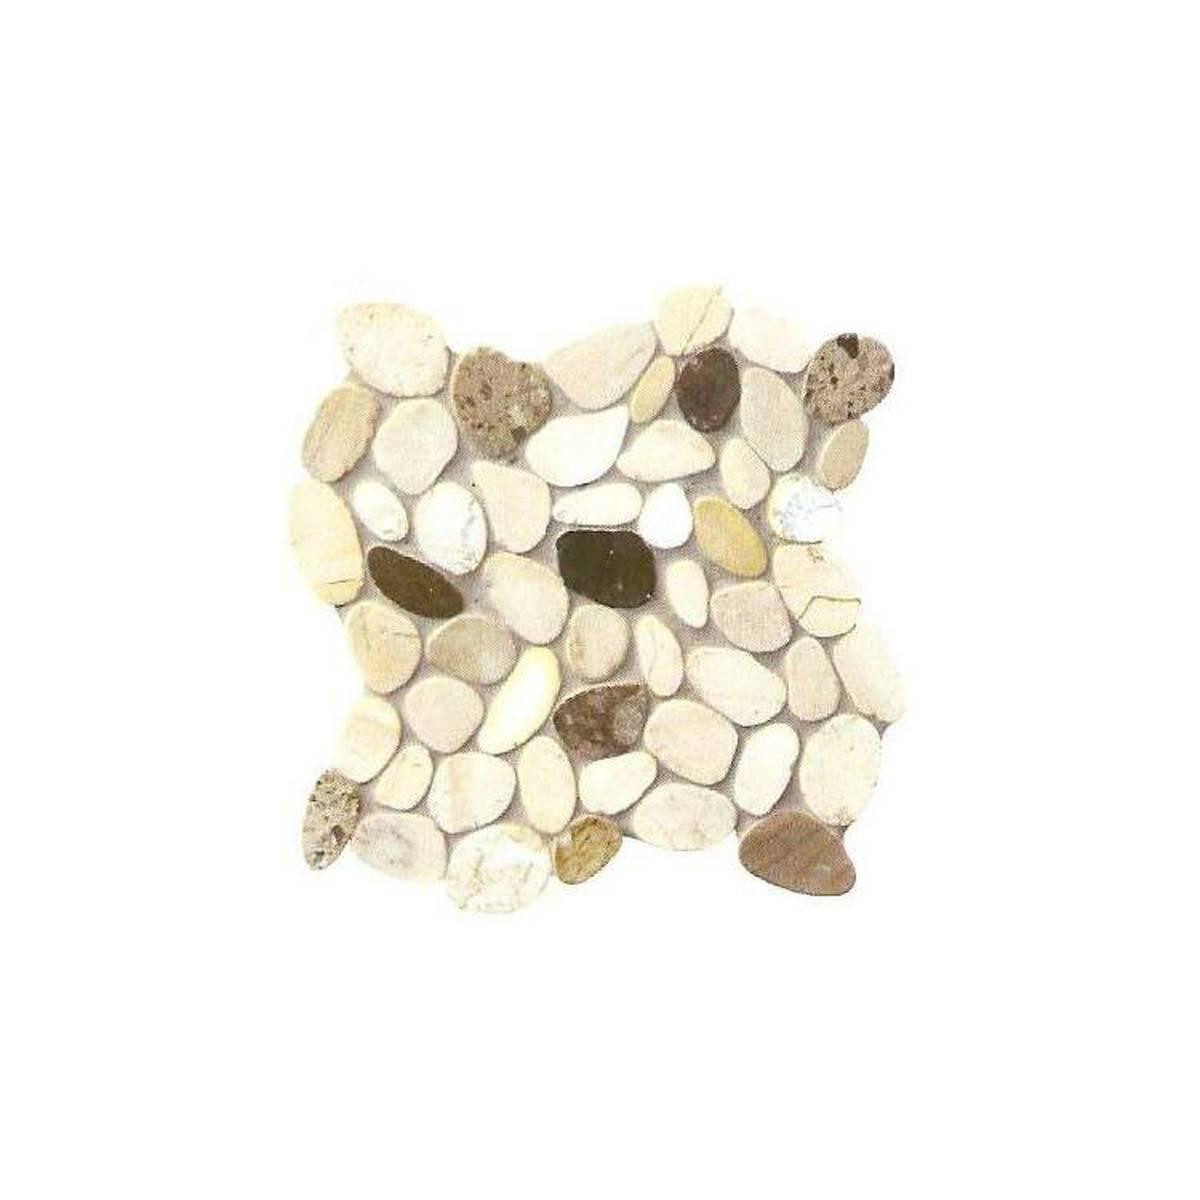 Rivestimento SASSI DI FIUME in marmo su rete